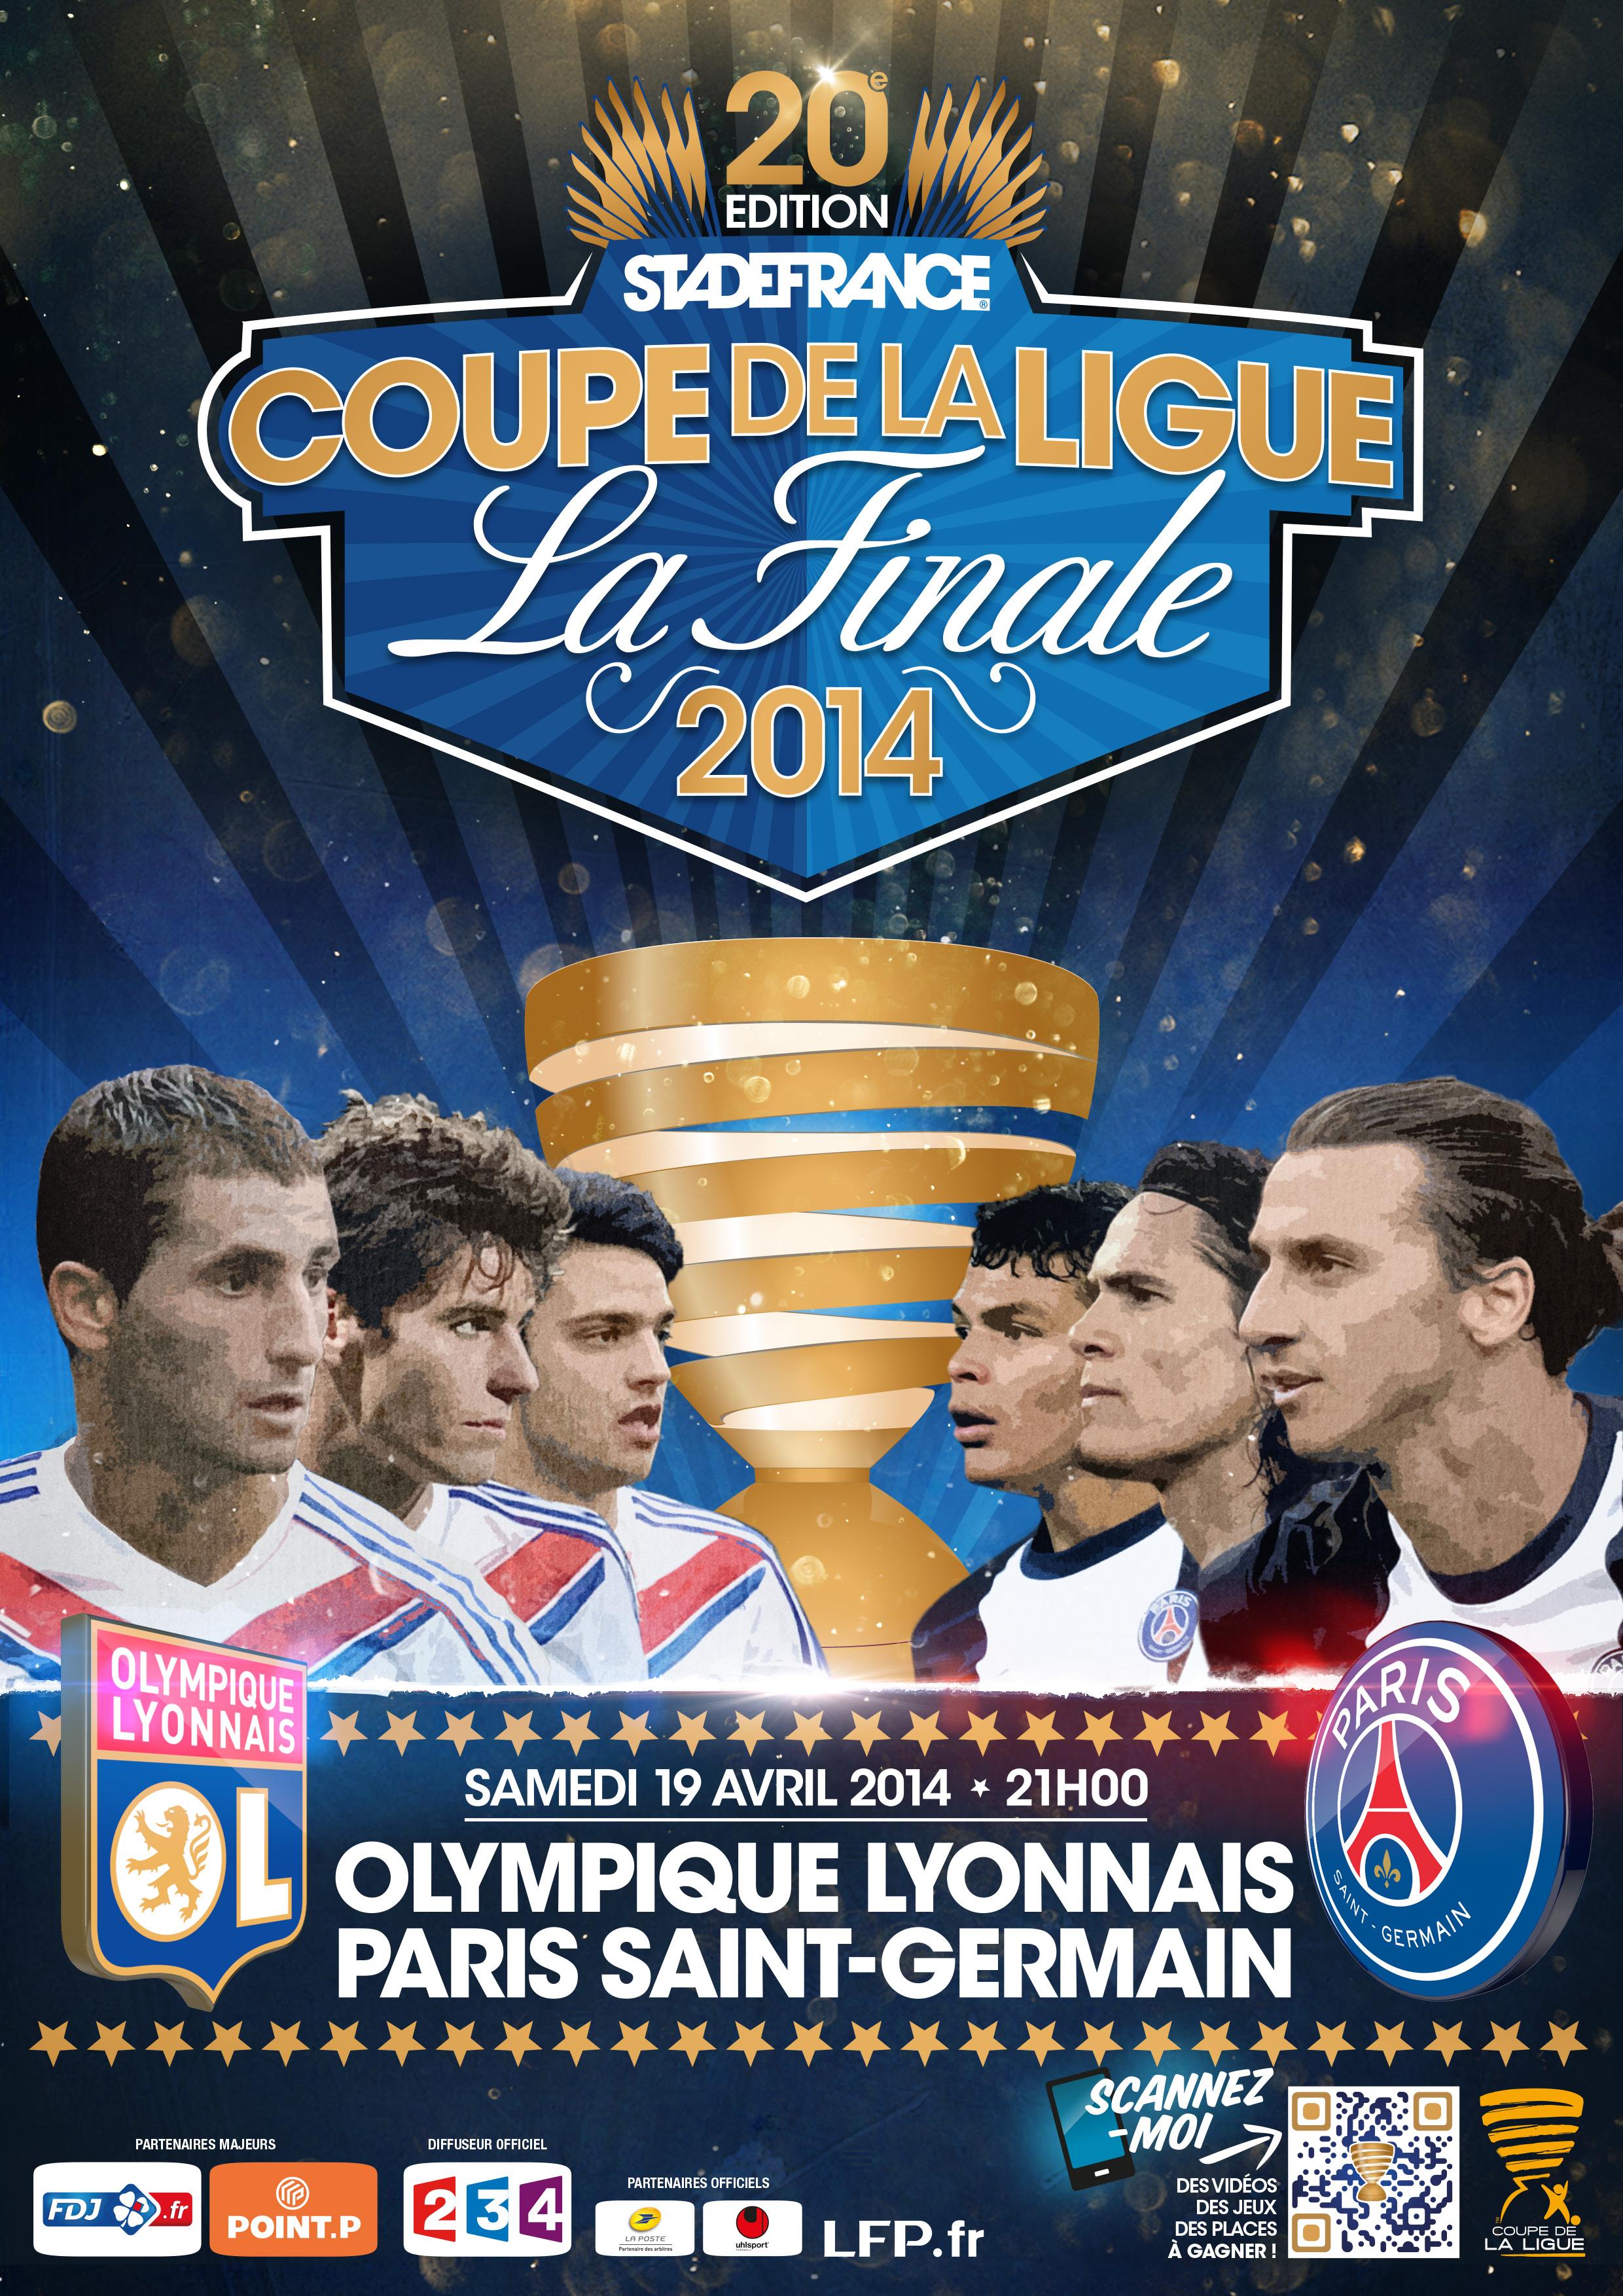 Ol psg 1 72 million d 39 euros pour le vainqueur de la - Resultat psg st etienne coupe de la ligue ...